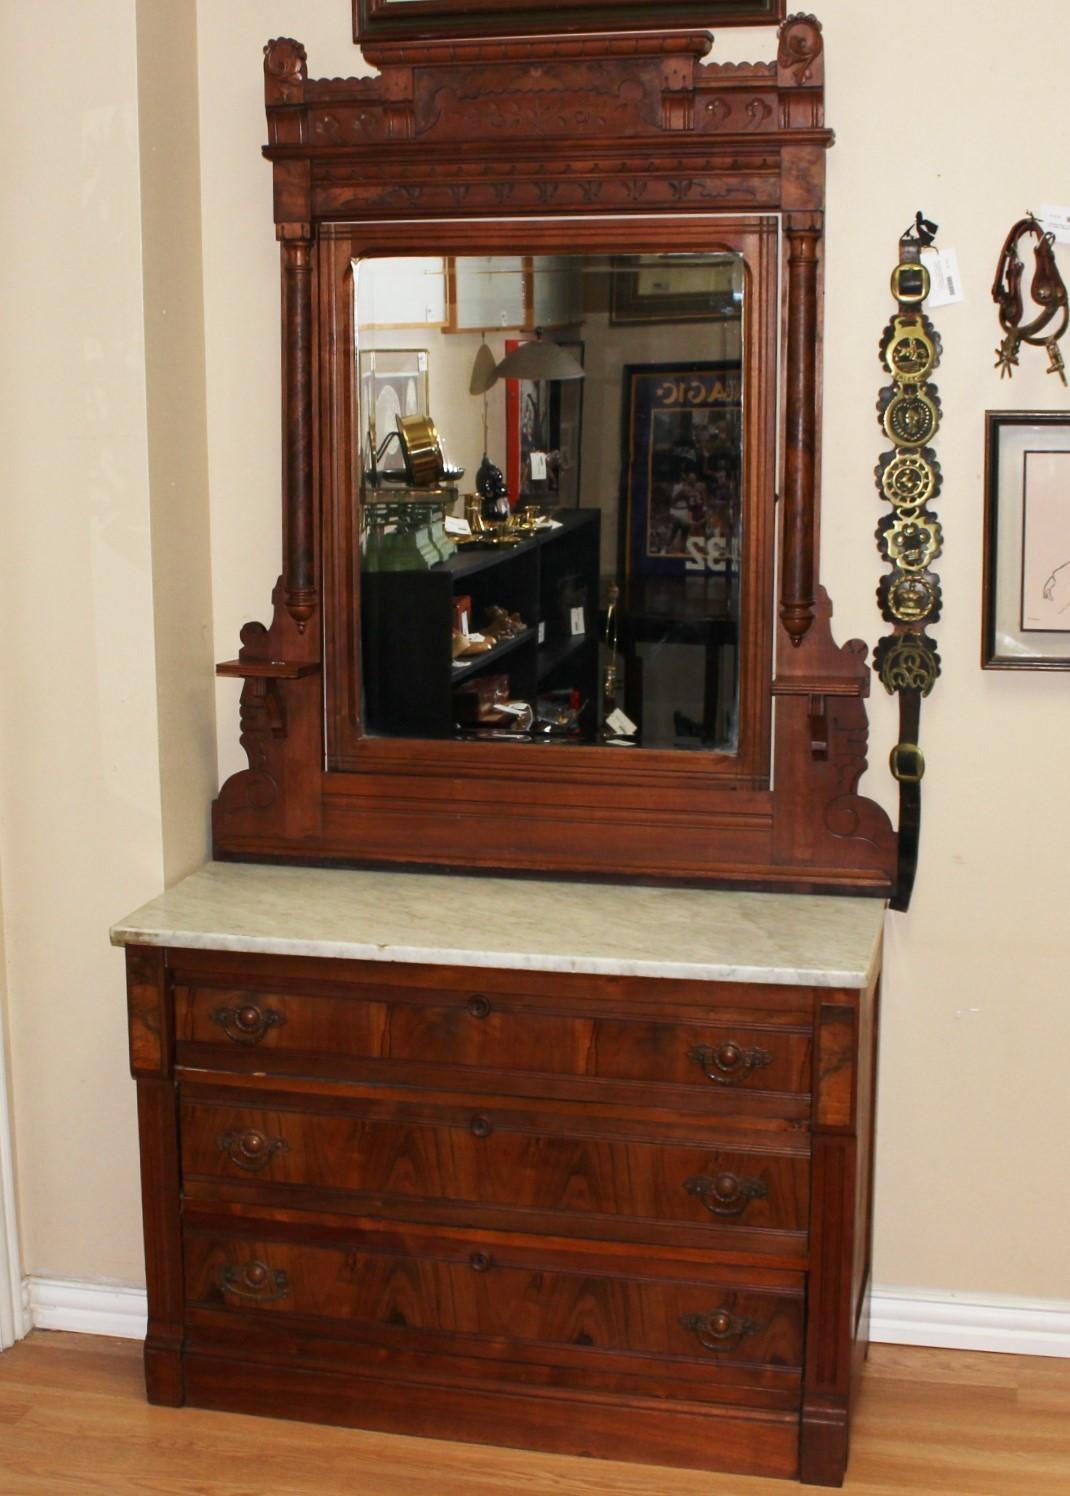 Antique Eastlake Burl Walnut Marble Top Dresser, Tilt Mirror & Candle Shelves